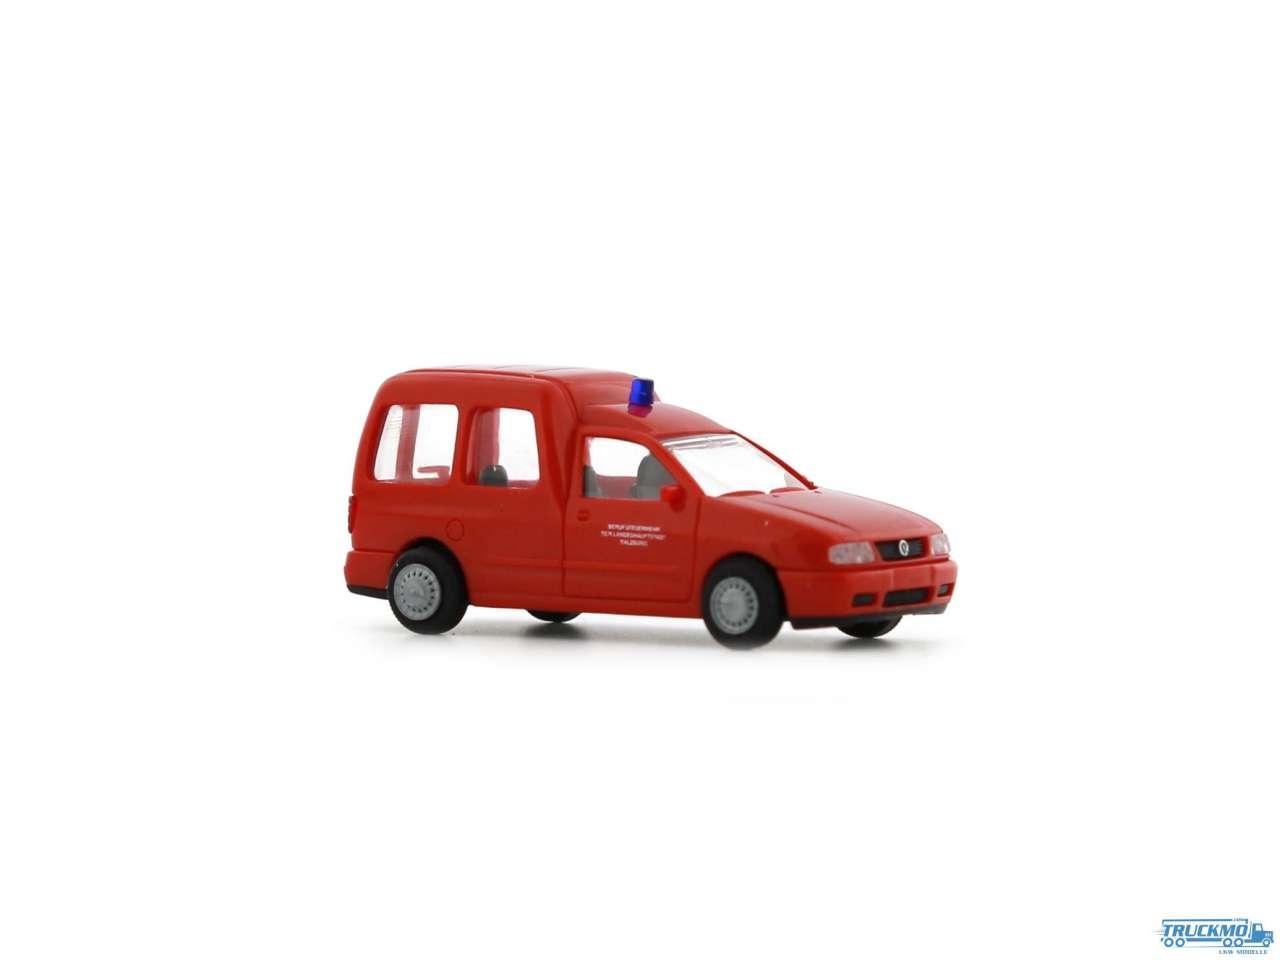 Rietze Berufsfeuerwehr Salzburg Volkswagen Caddy 50859